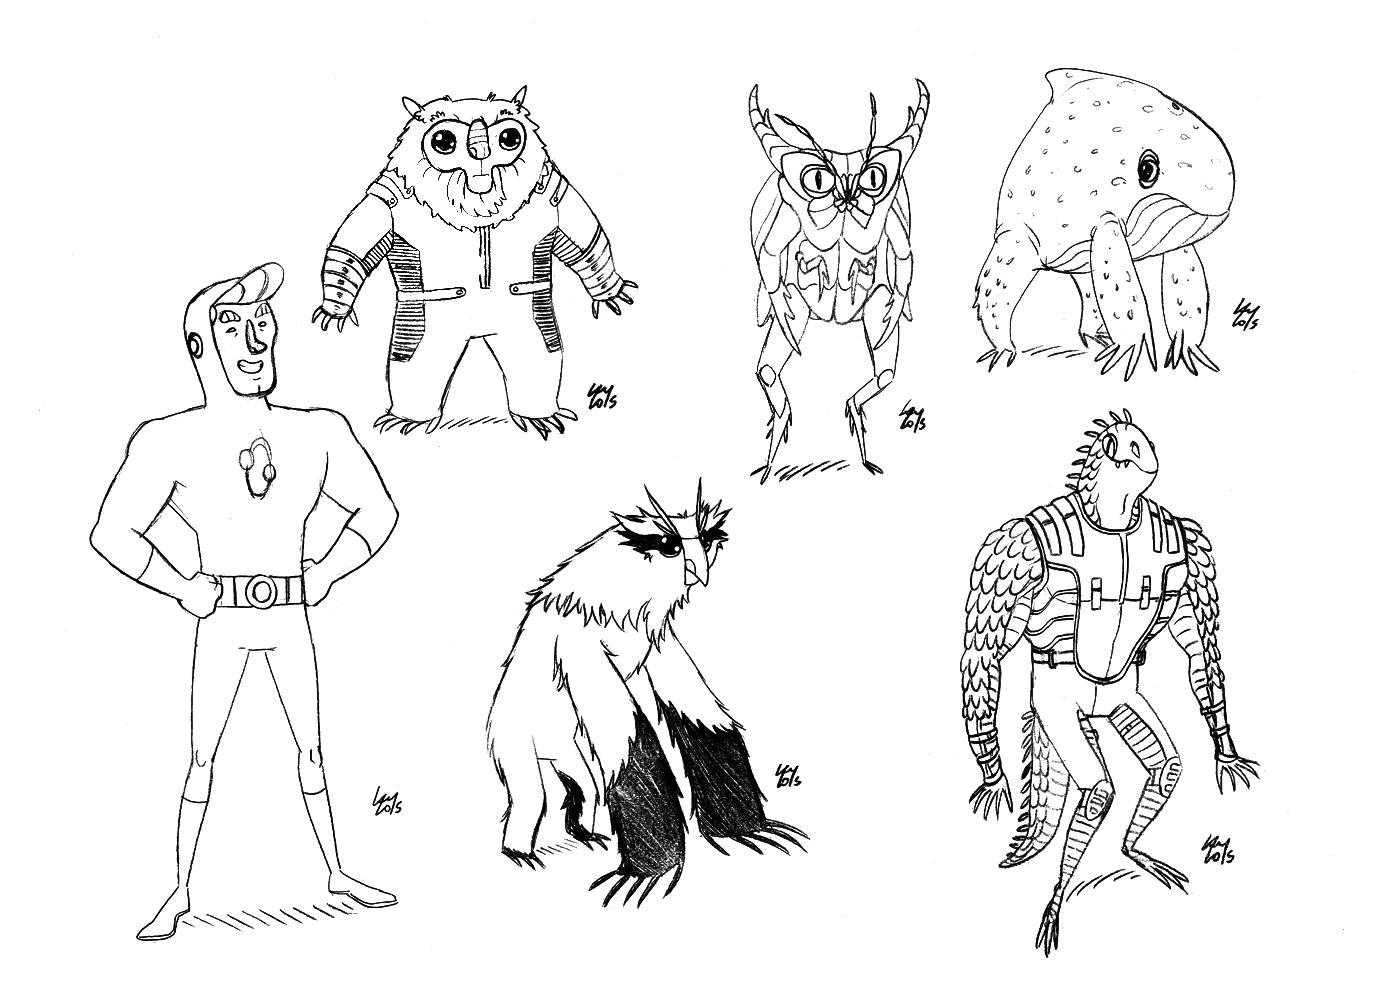 Arte de Rafael Lam - Ilustras! - Página 16 CFdojg6WIAEy7TP